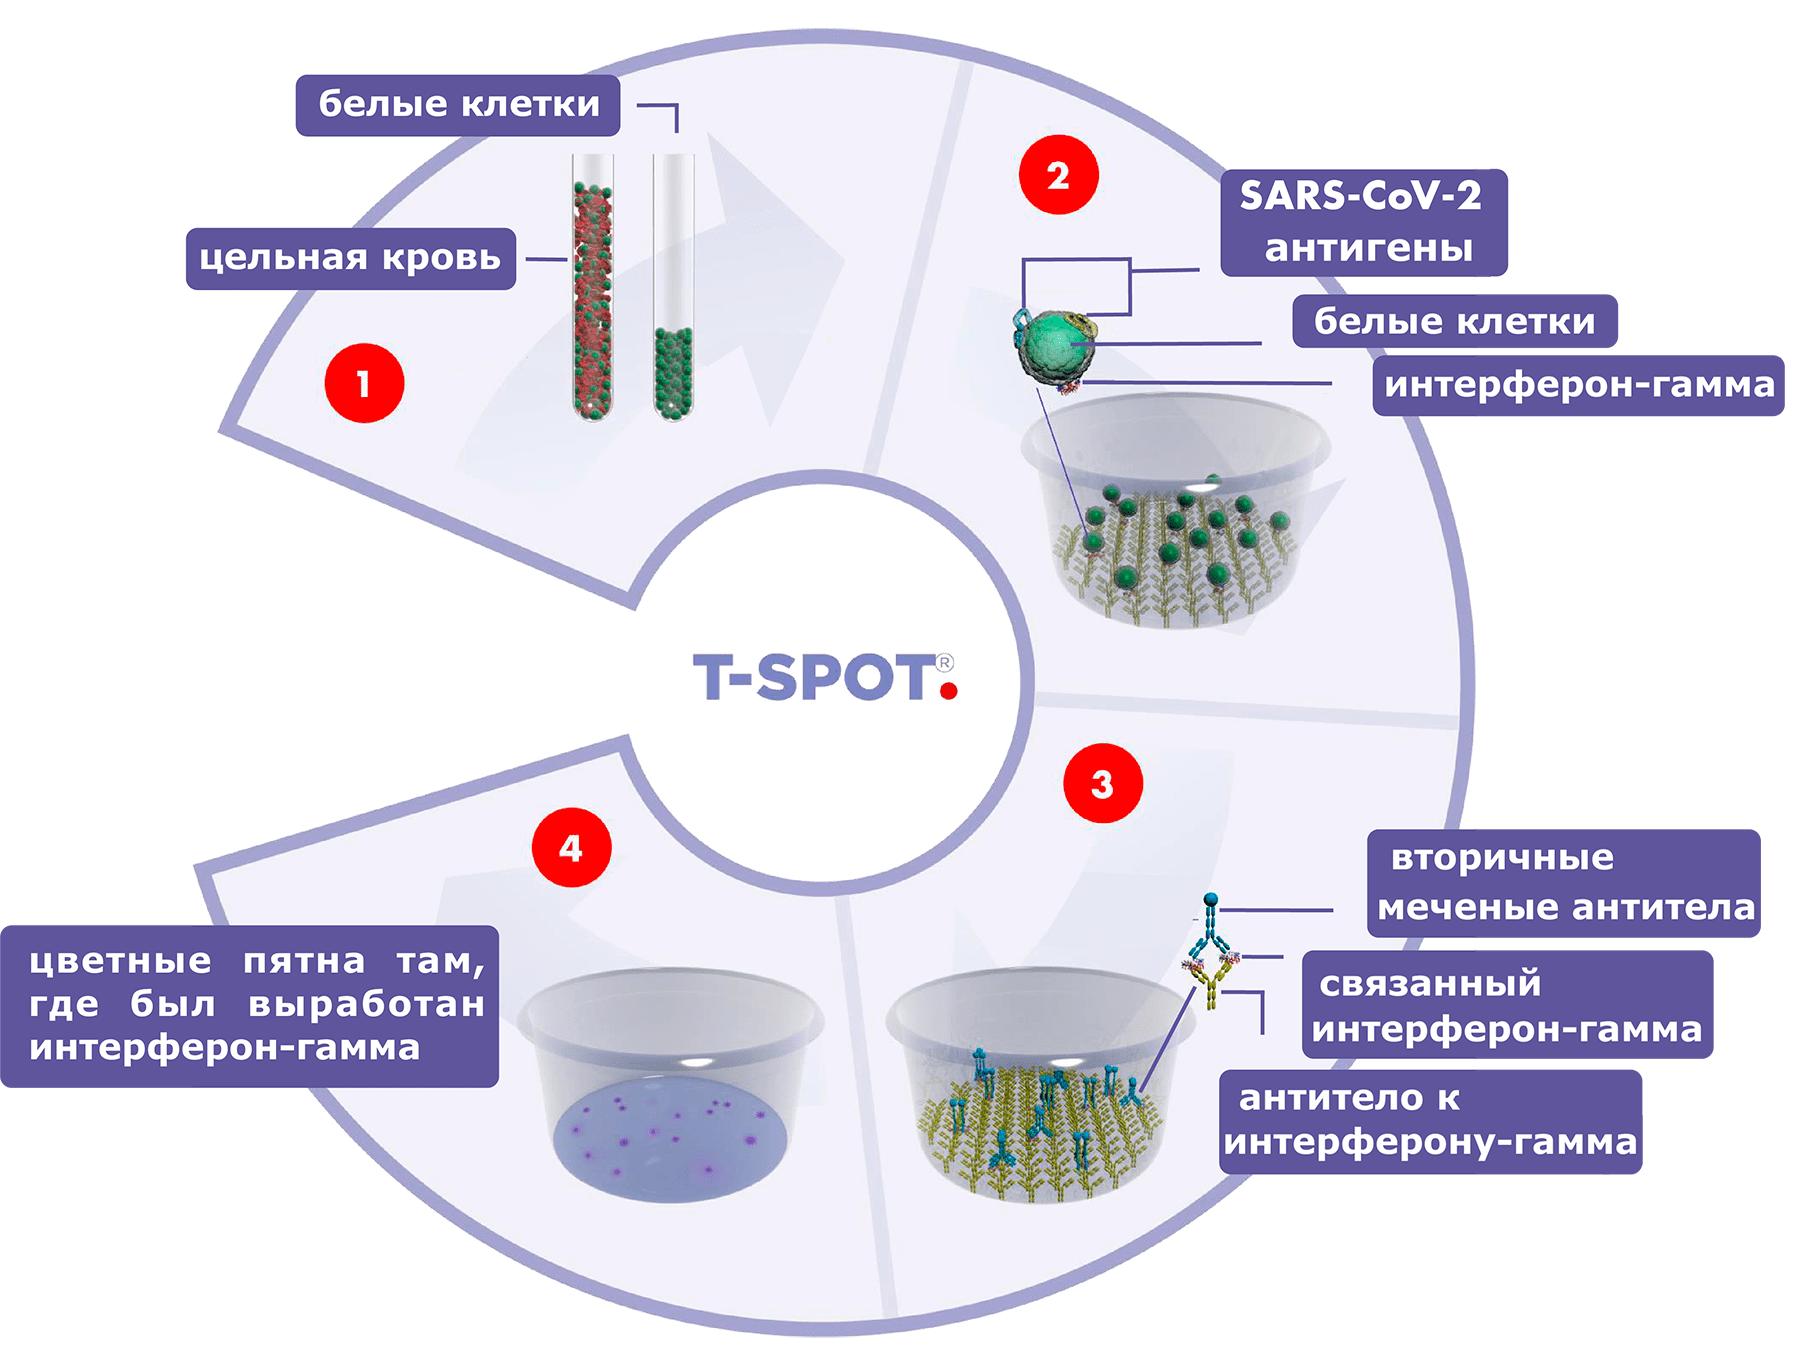 Схема работы теста ELISPOT